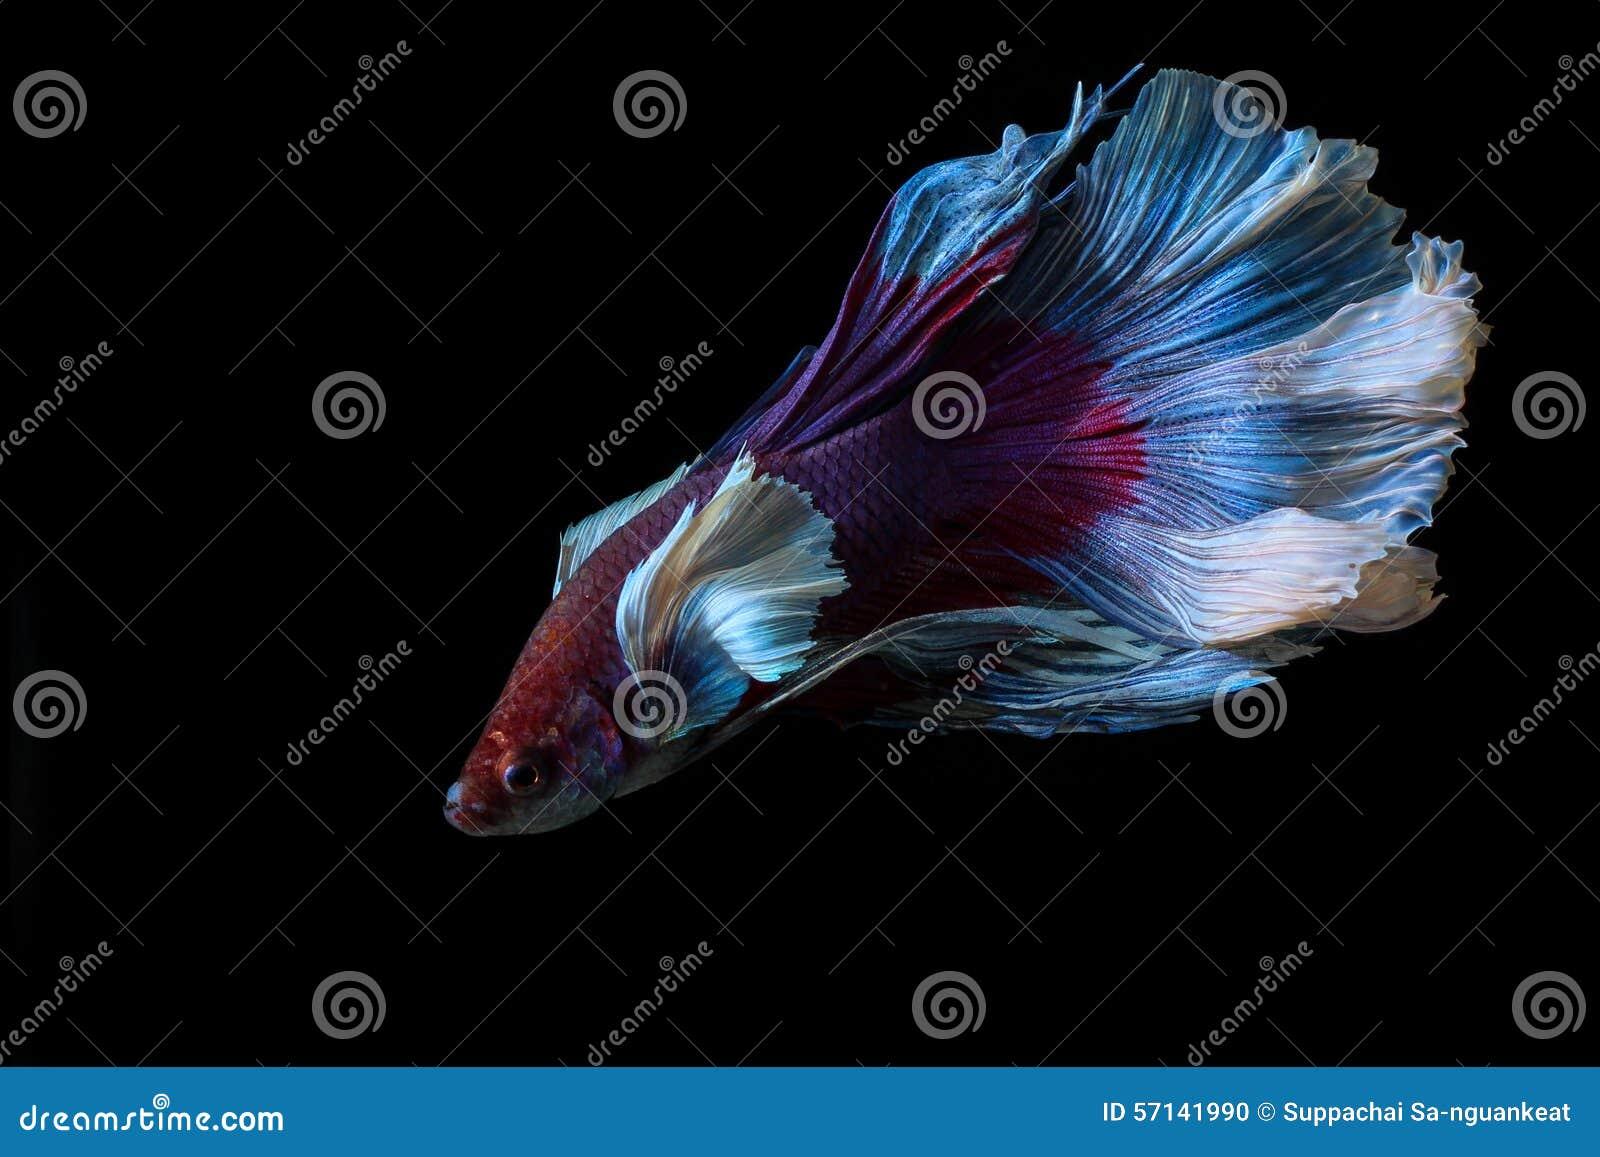 Siamese fighting fish  betta Betta Fish